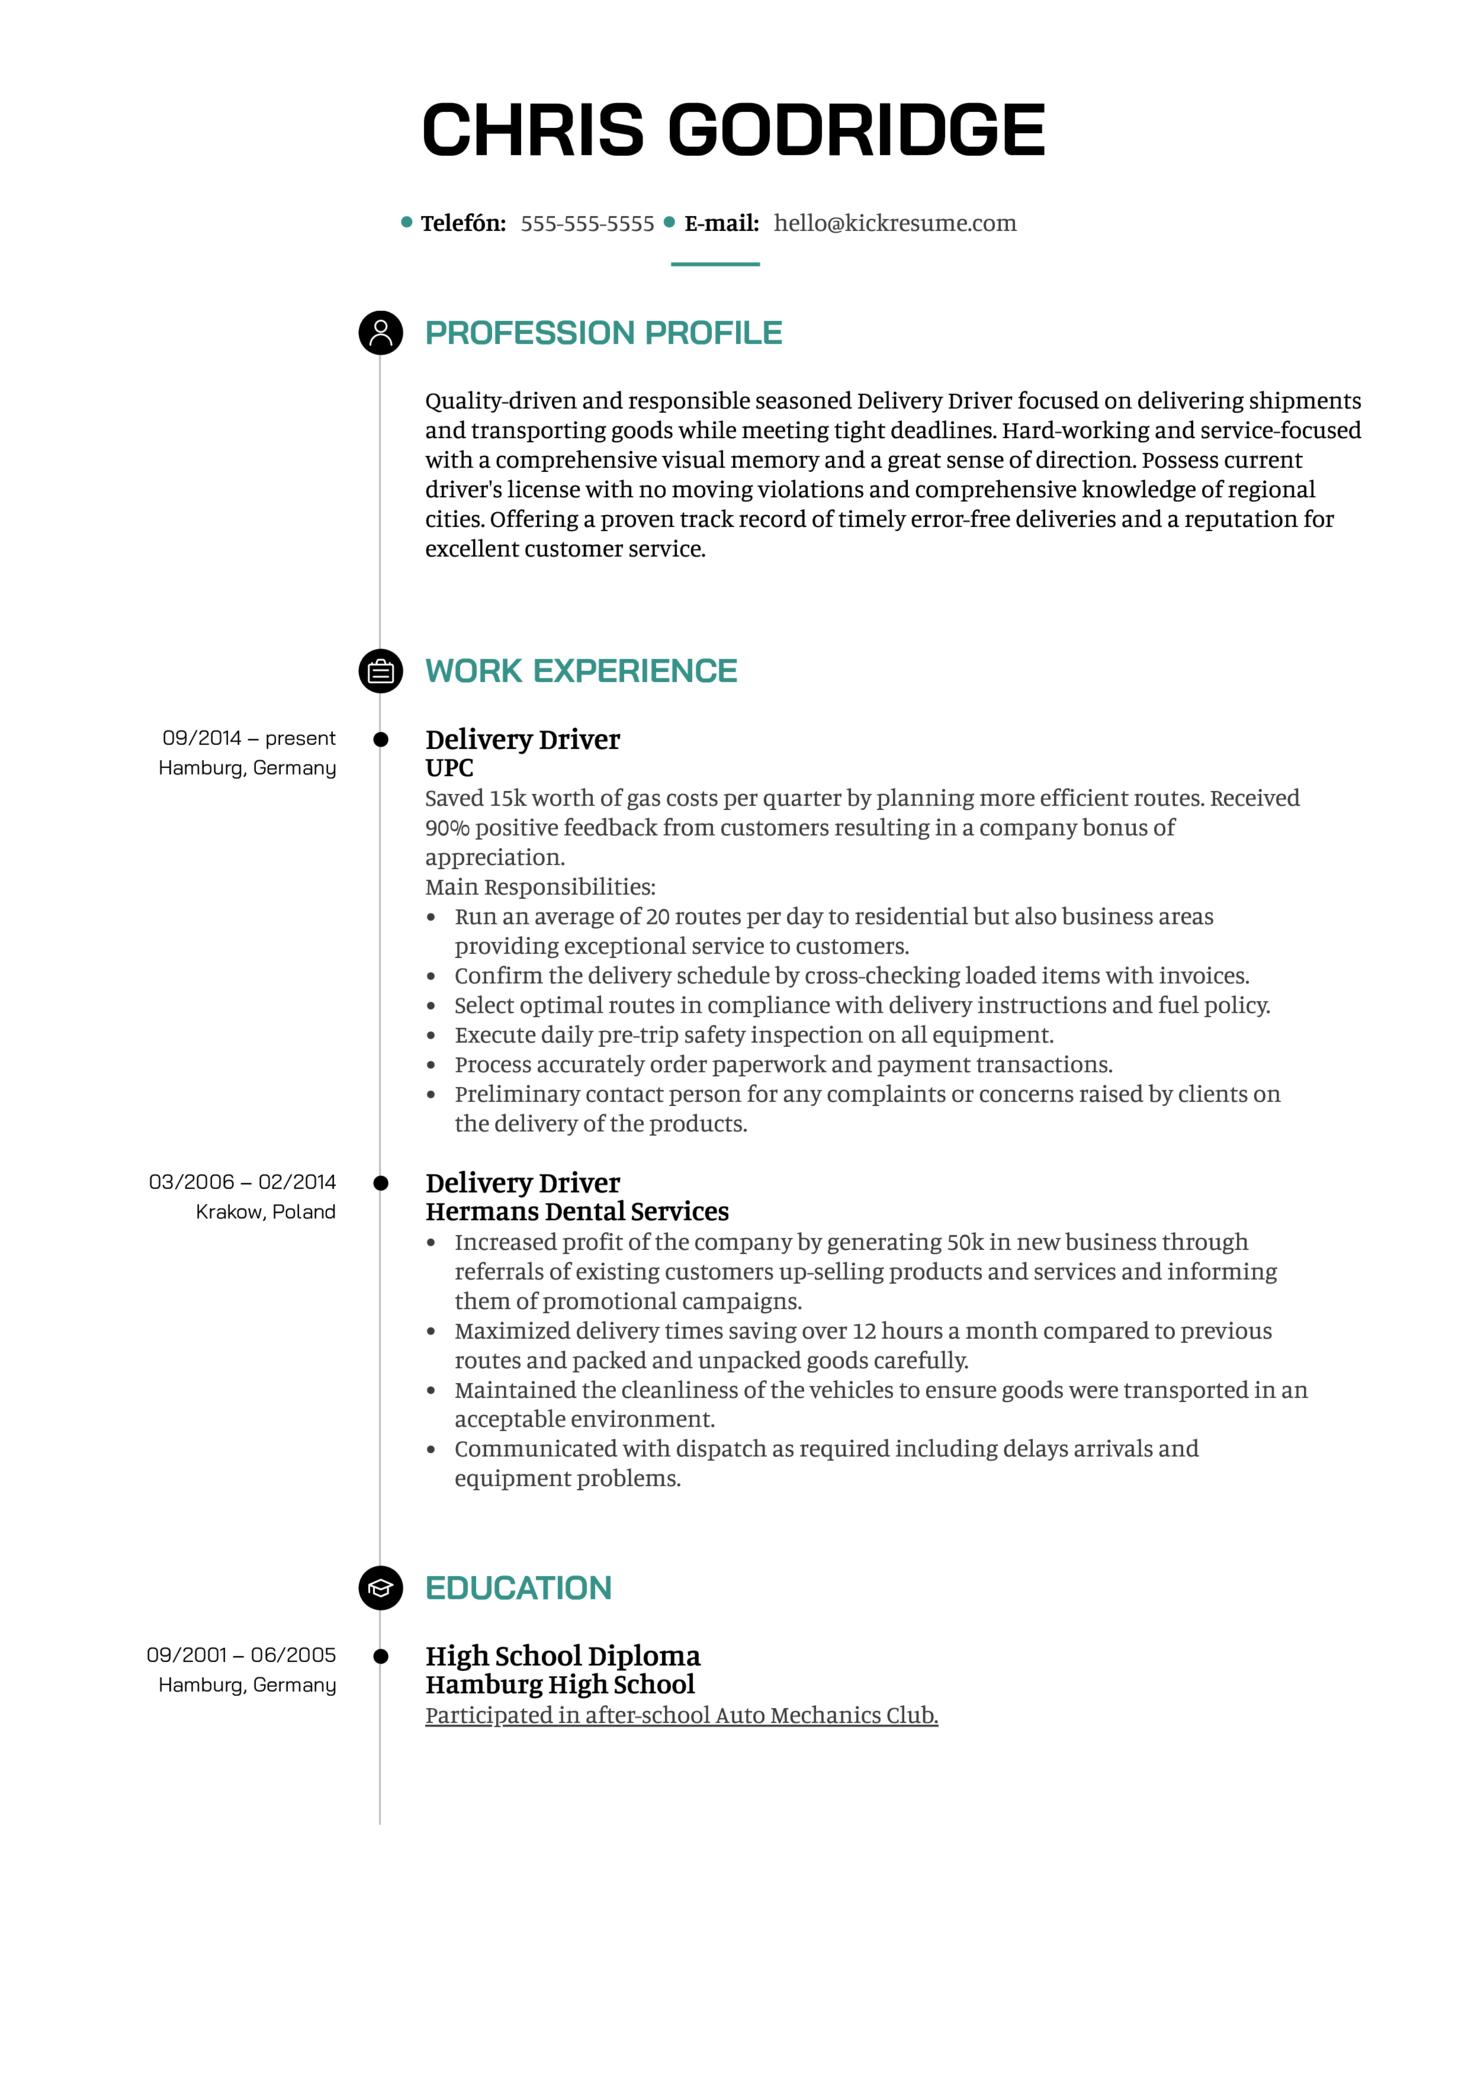 Delivery Driver Resume Sample (časť 1)